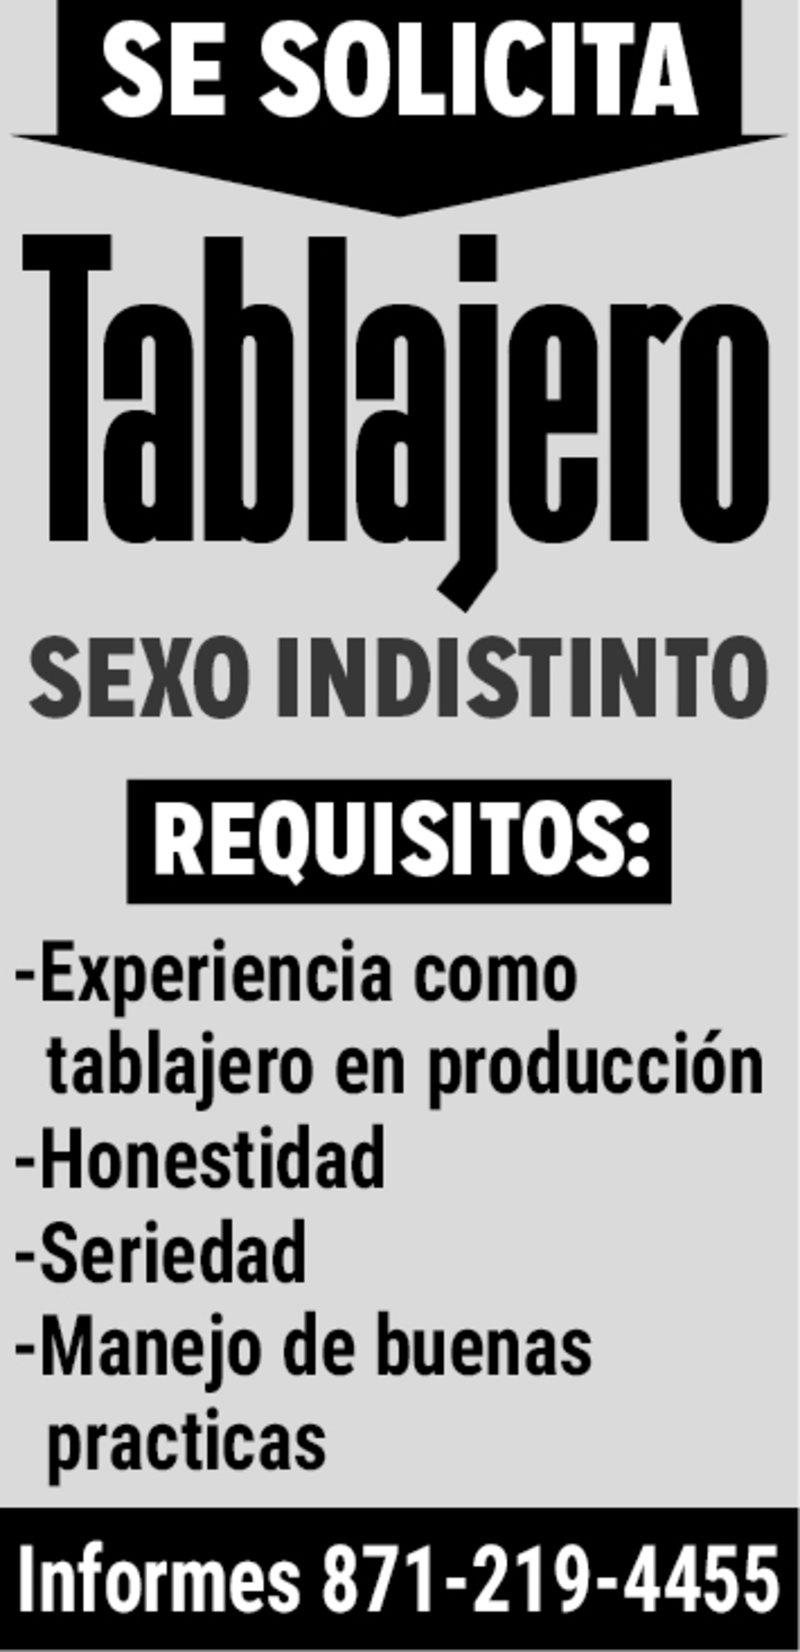 Se solicita  Tablajero  Sexo  Indistinto  Requisitos:  Experiencia como tablajero en producción  Honestidad  Seriedad